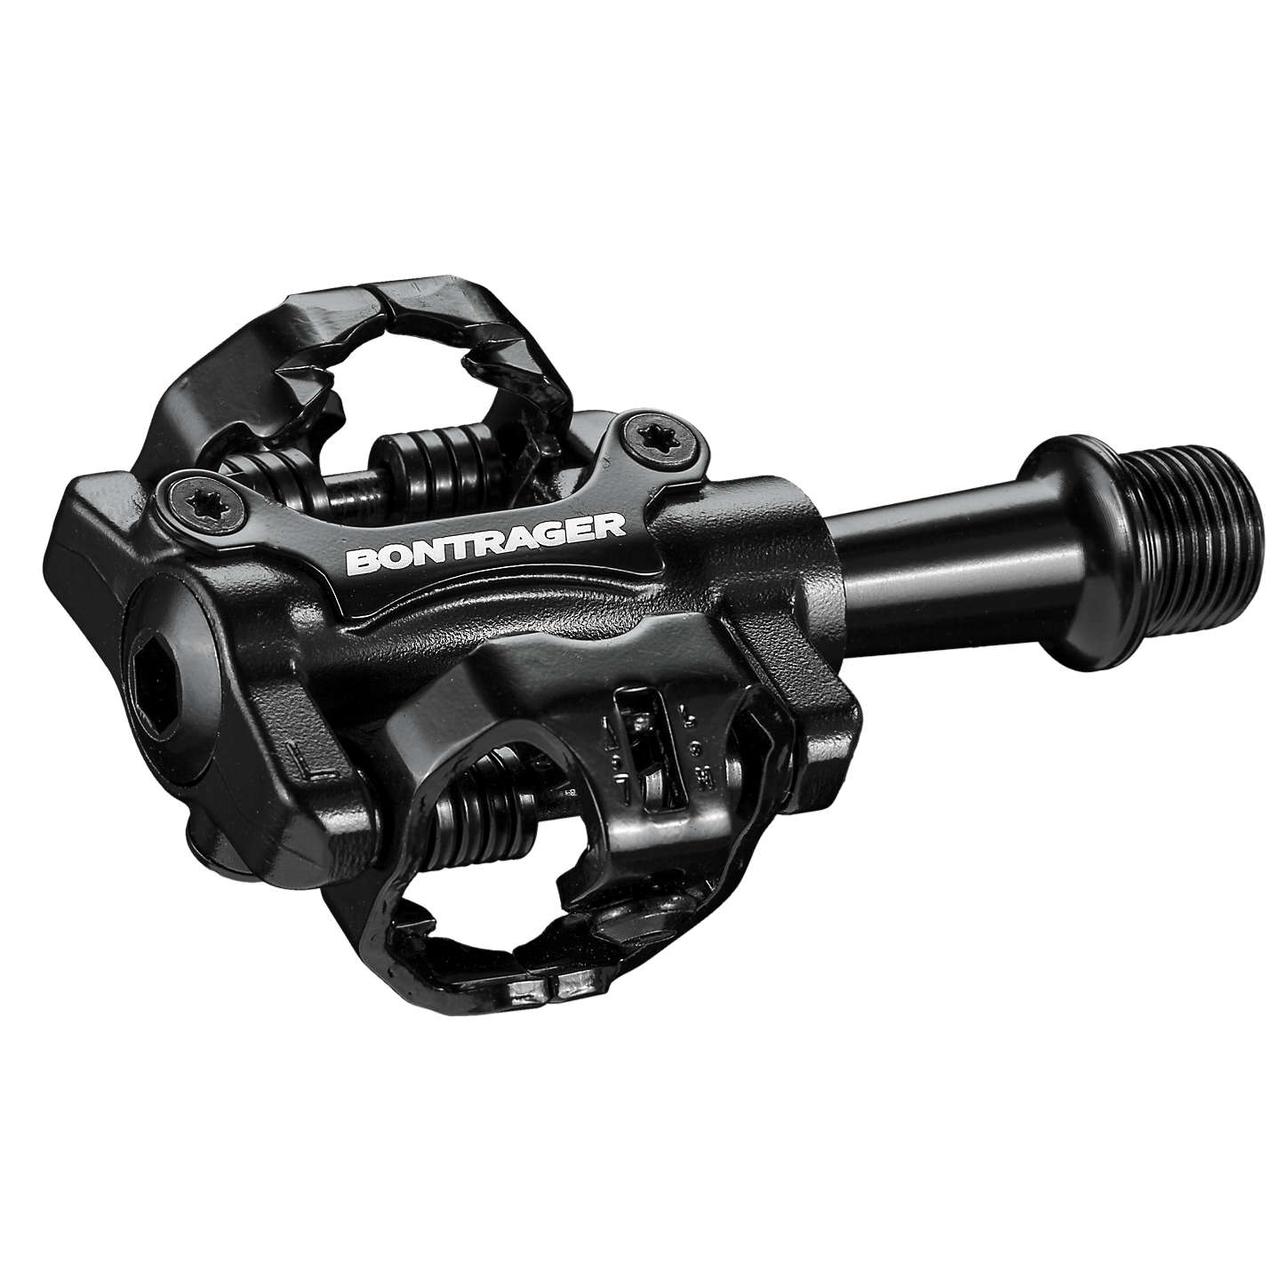 Bontrager Comp MTB Pedal Set - Black